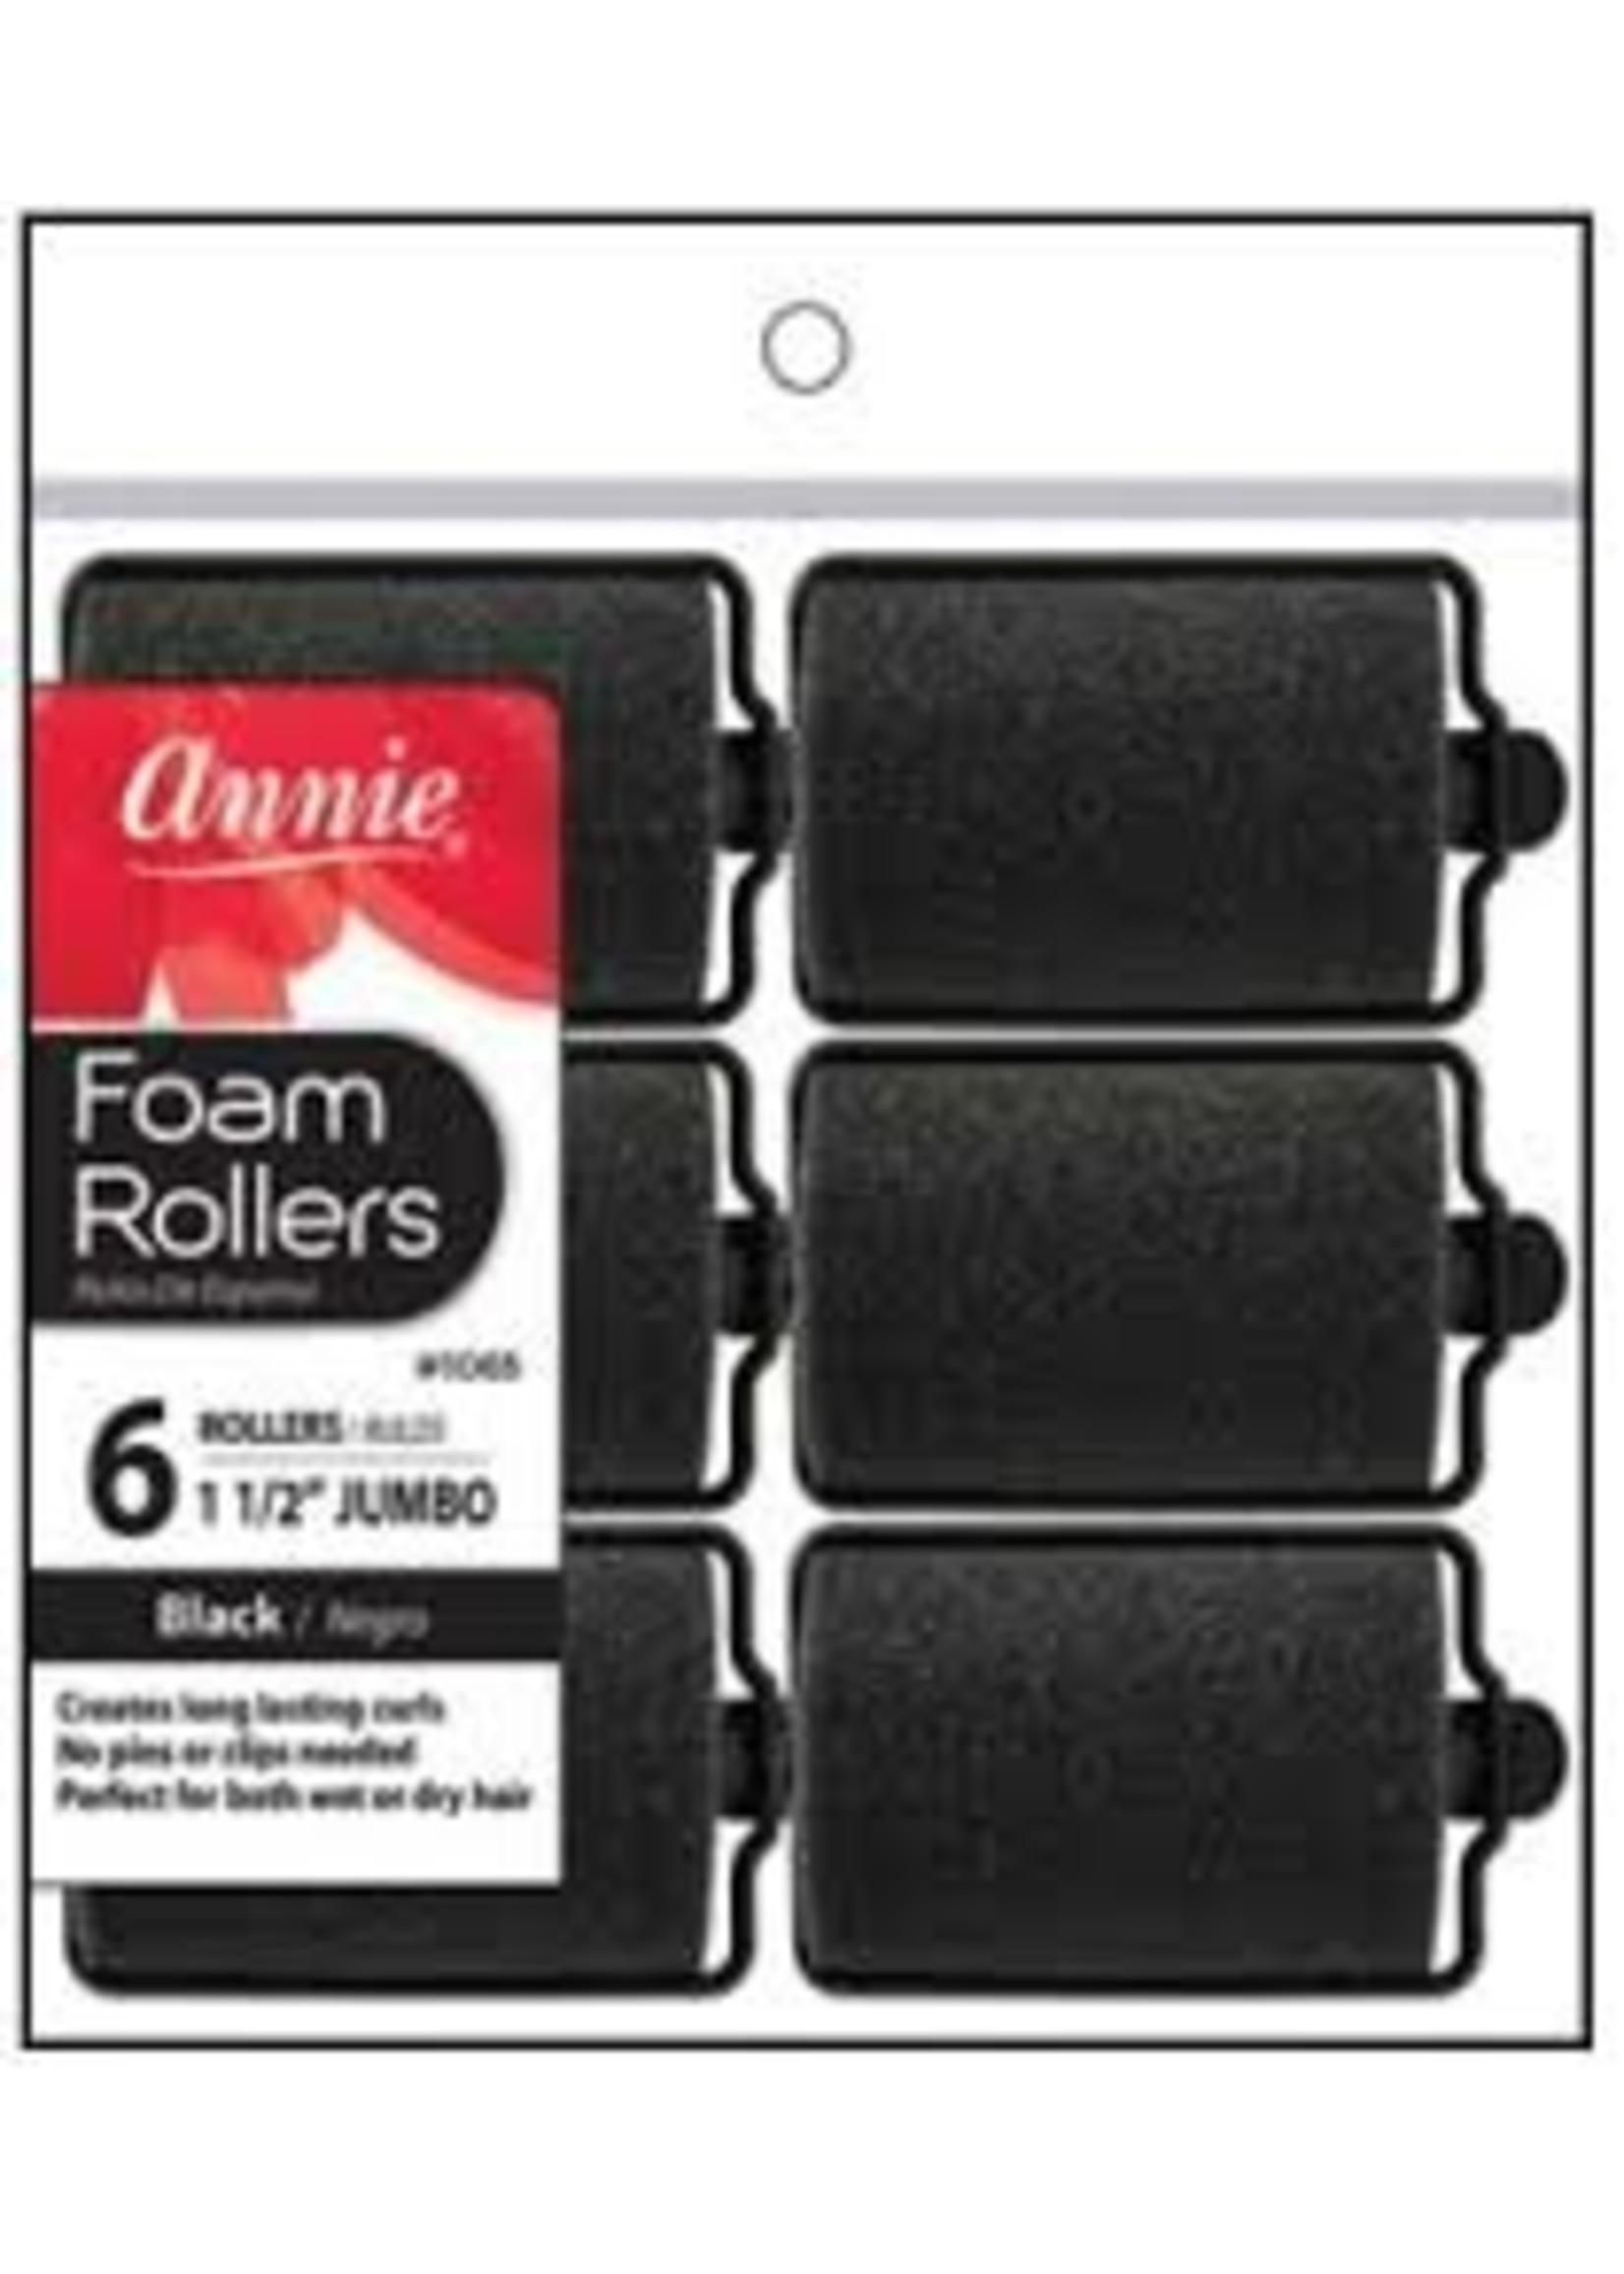 Annie Rollers Foam Black JB 6ct